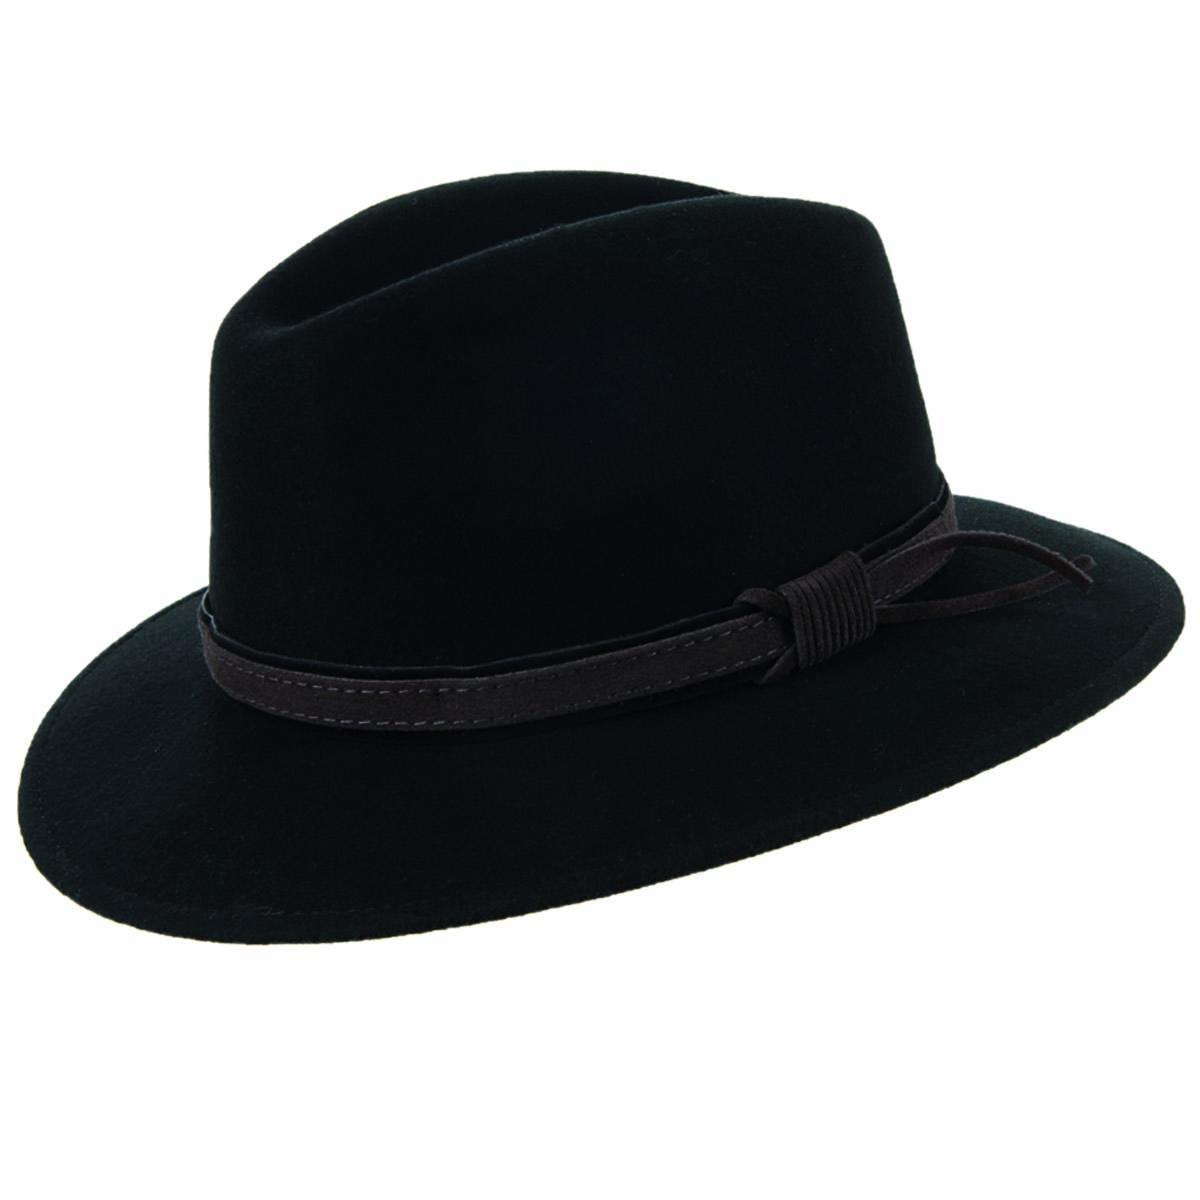 Cappello sportivo in feltro di lana firmato HUTTER 14d82fa76bfd